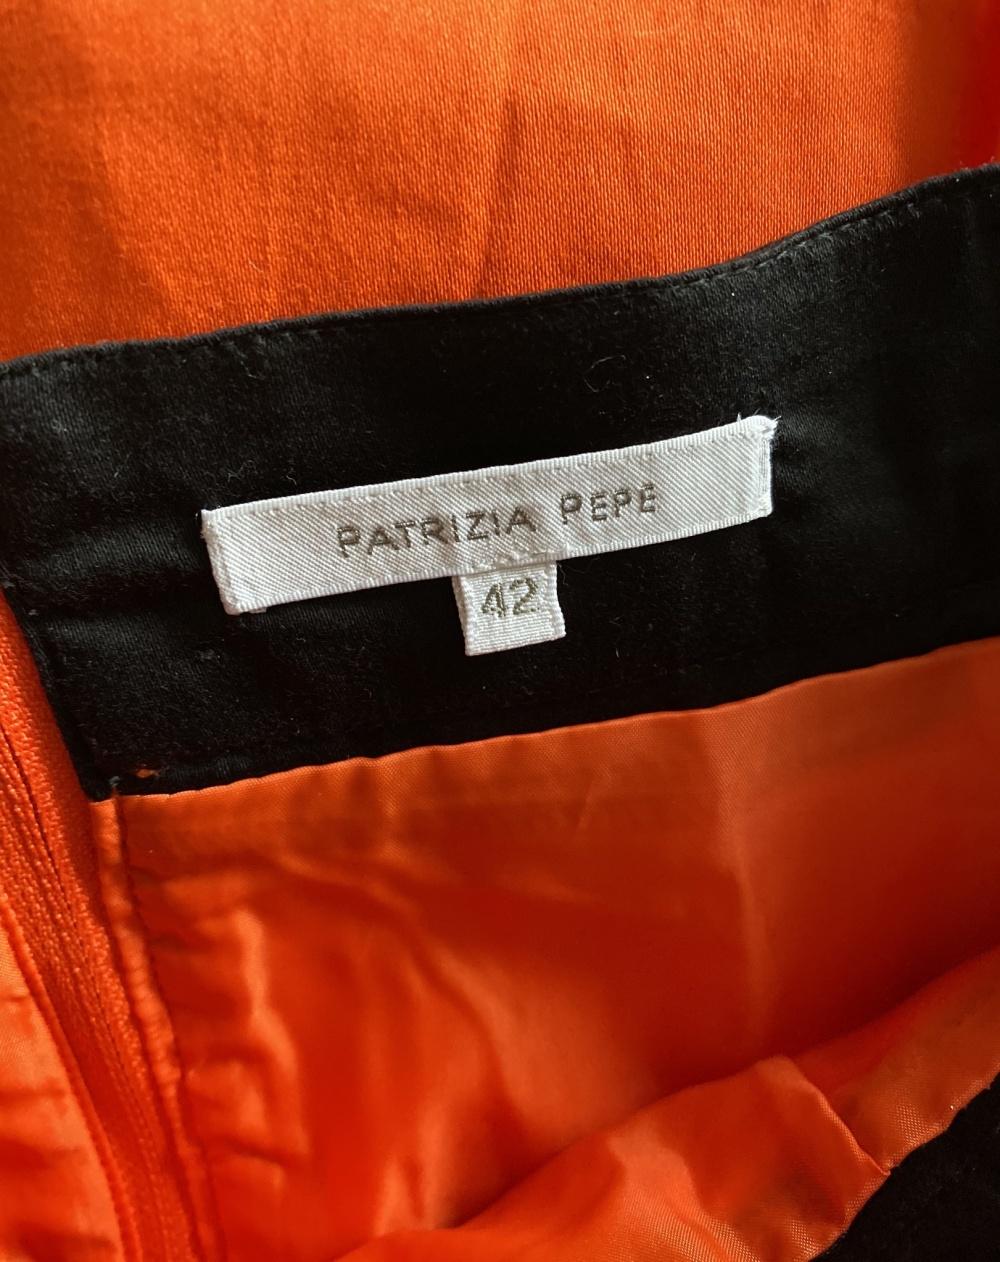 Юбка Patrizia Pepe размер 44-46